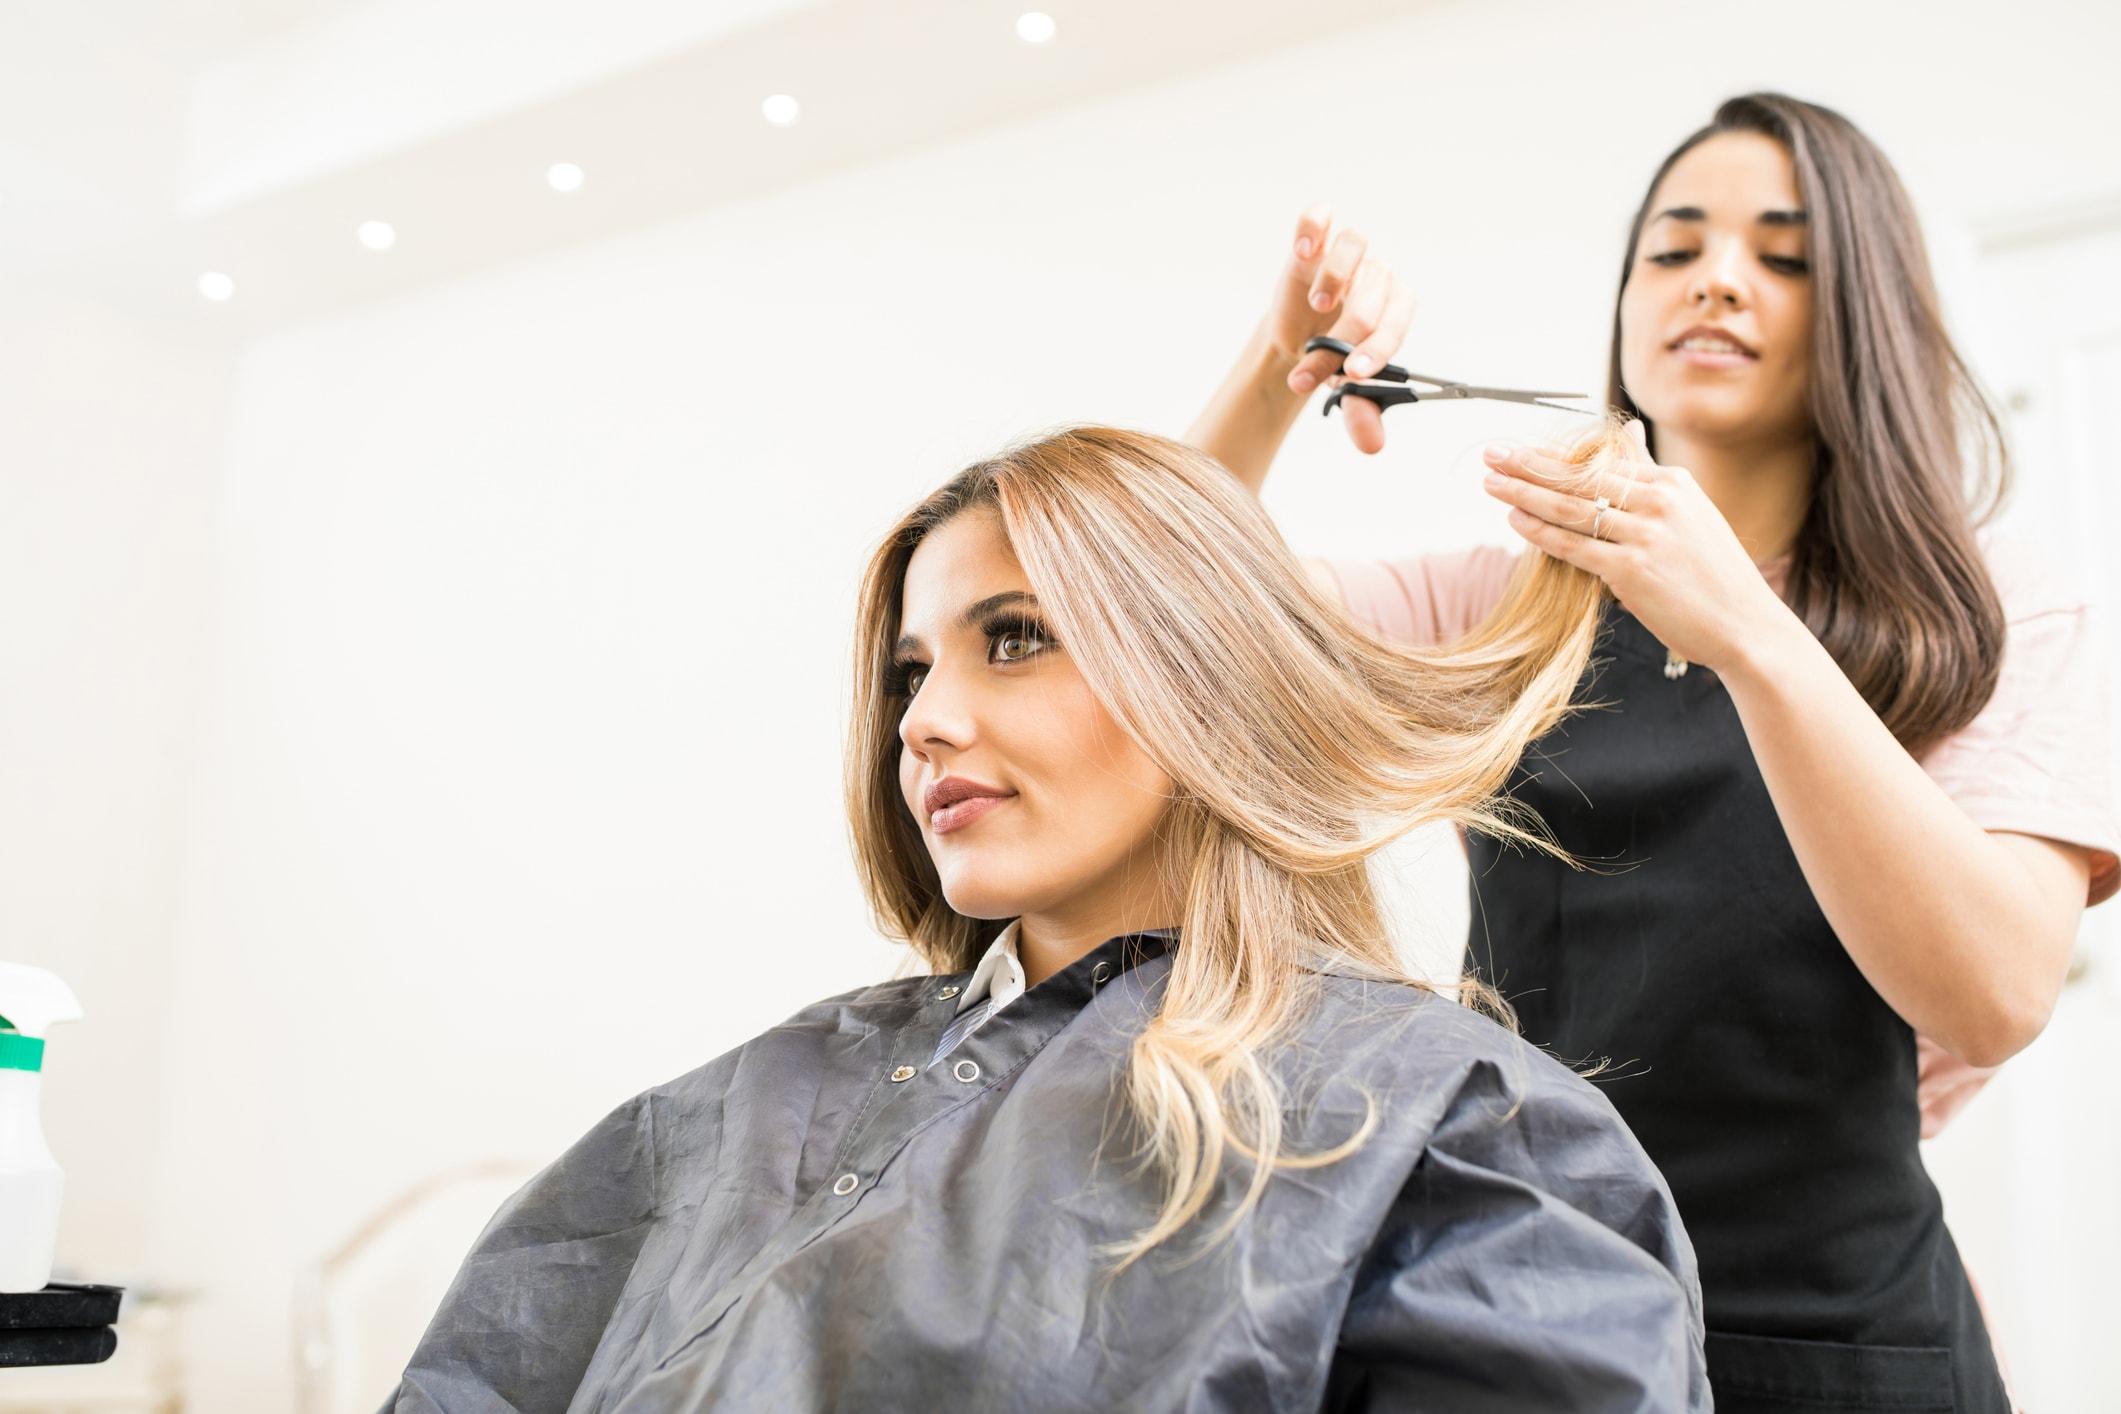 Lasse Dir regelmäßig die Haare schneiden, damit die spitzen schön und gesund wachsen können.